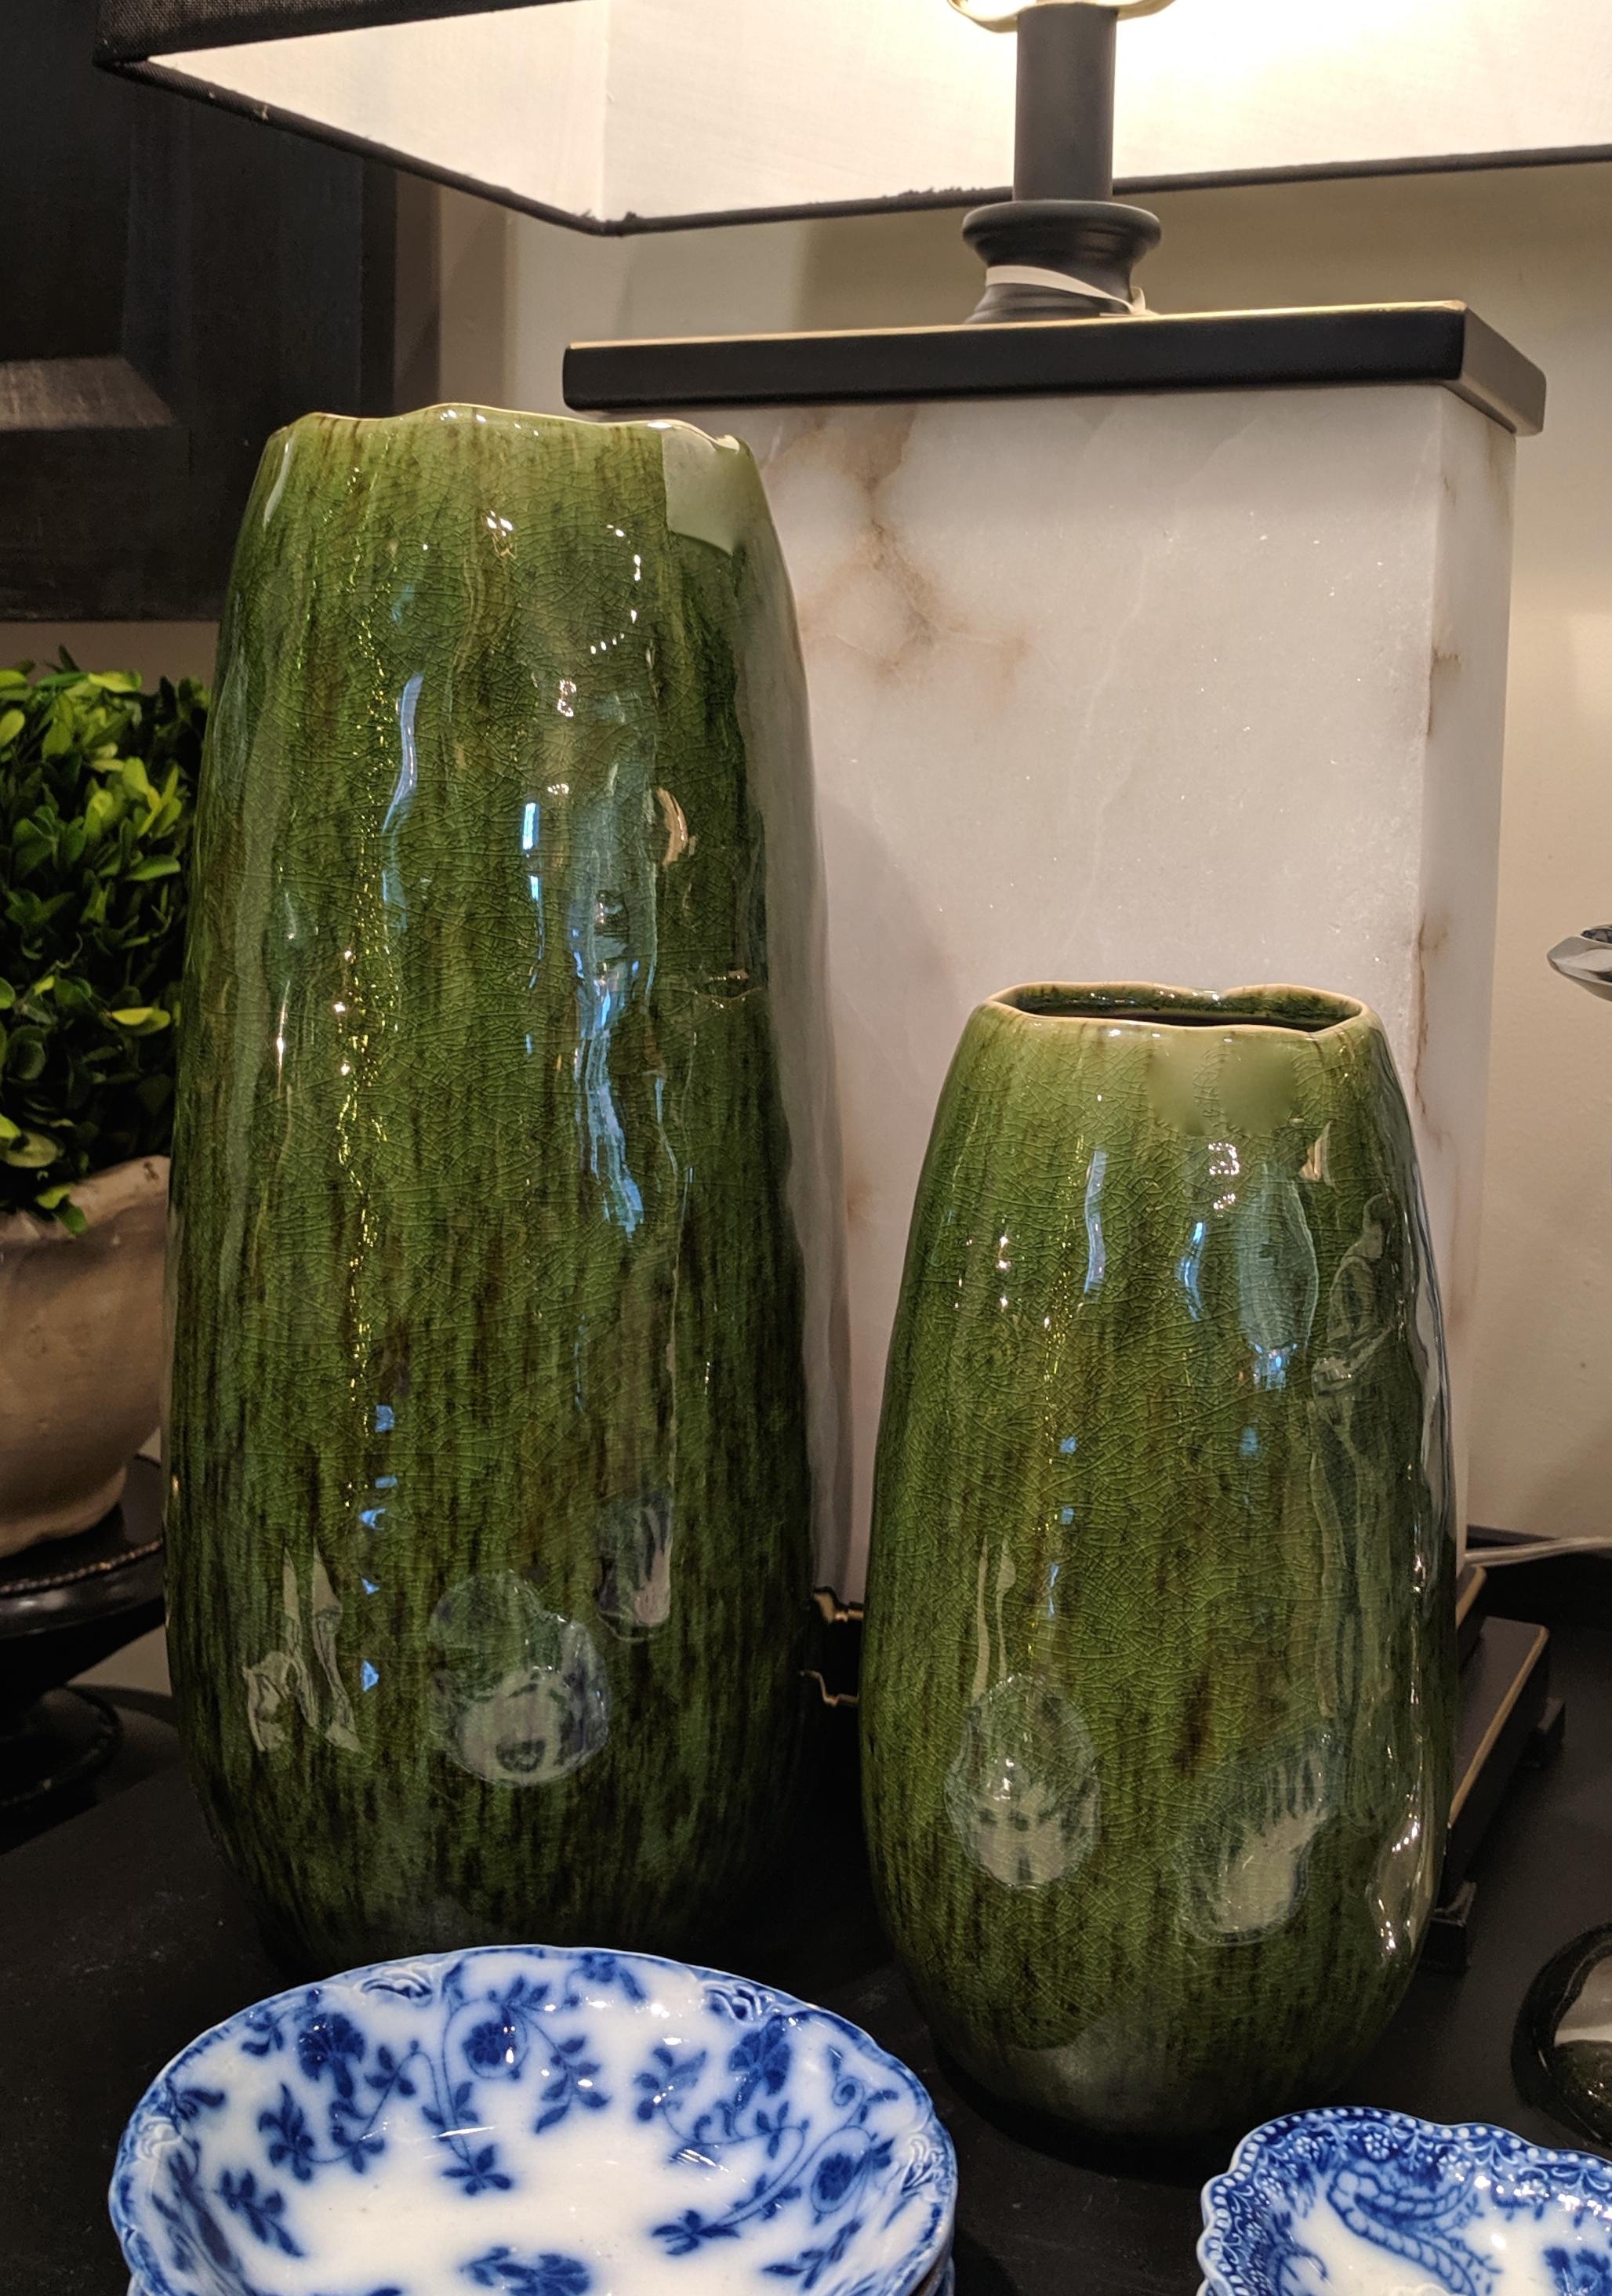 Green Ceramic Vases